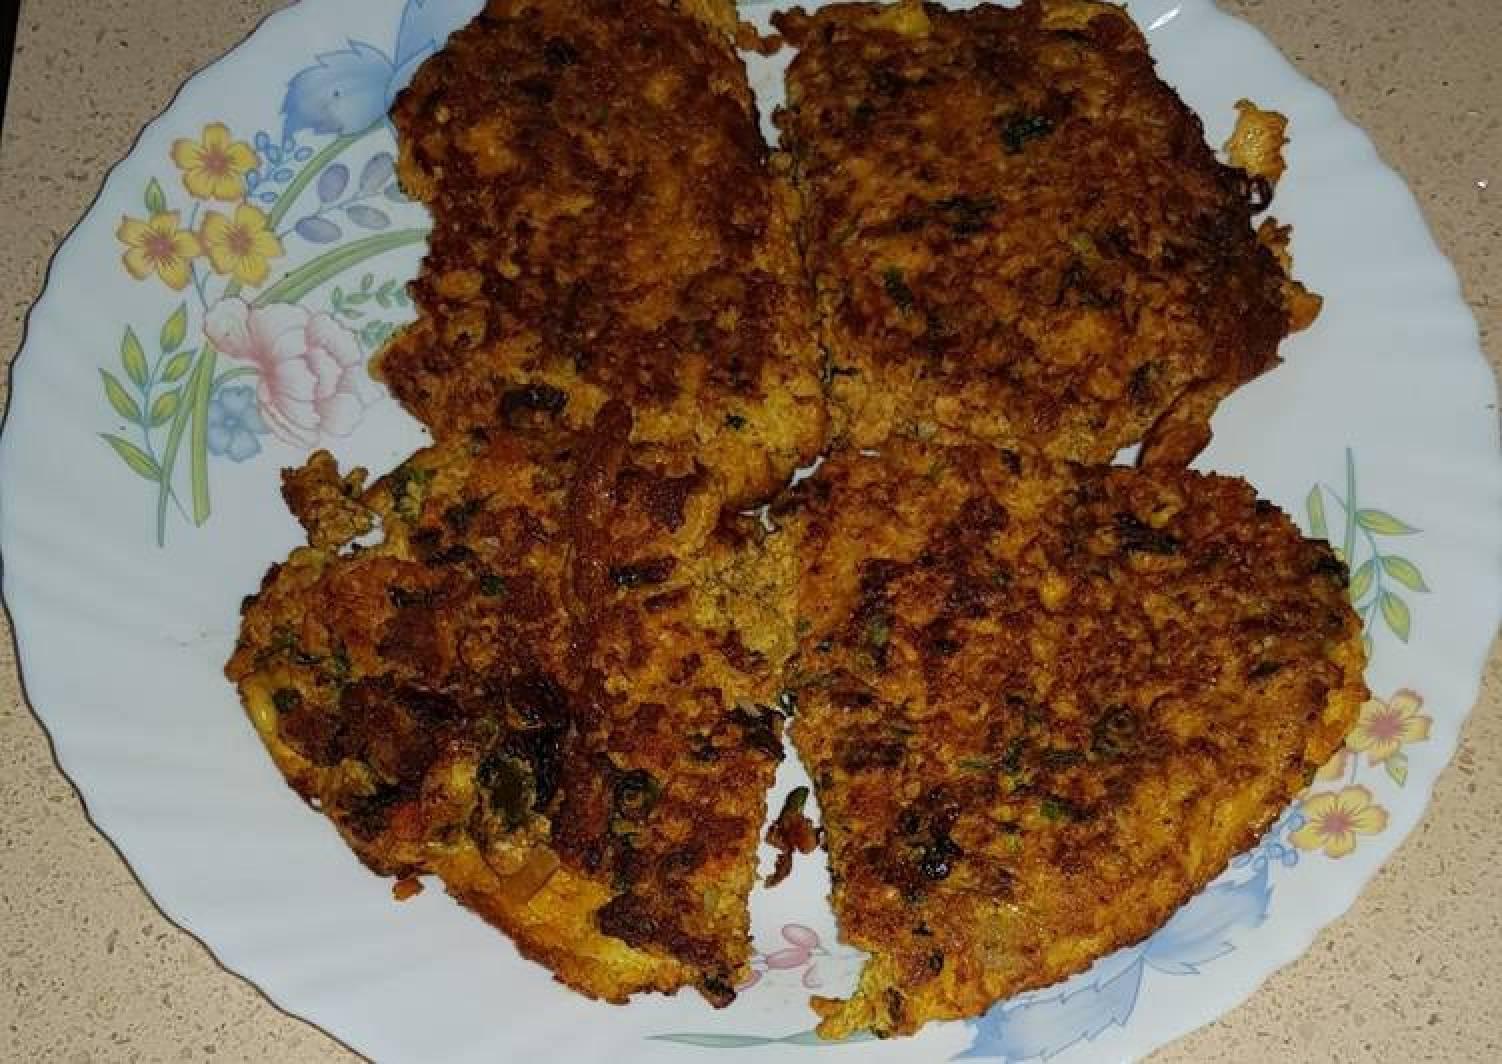 Fish roe (egg) omelette